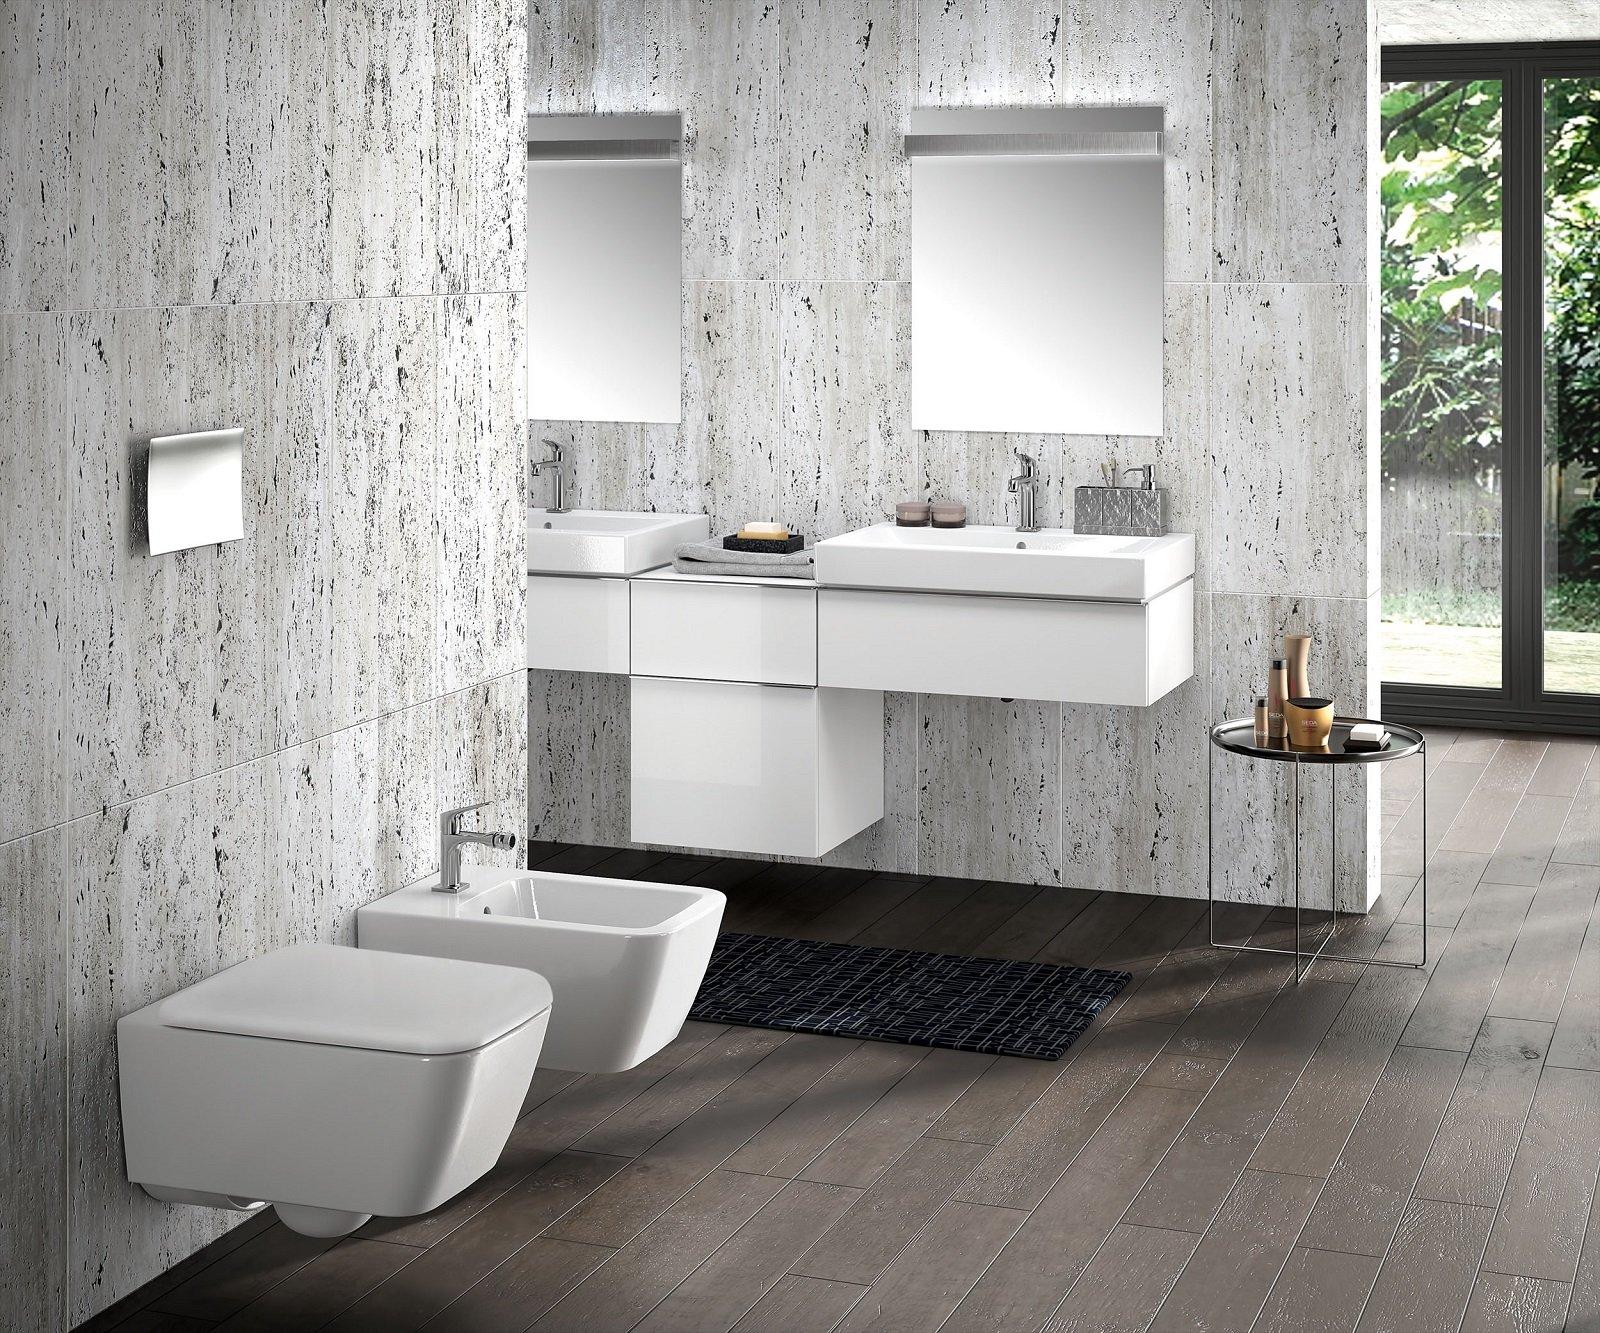 Bagno In Camera Senza Scarico : Water senza brida: estetica e maggiore igiene cose di casa